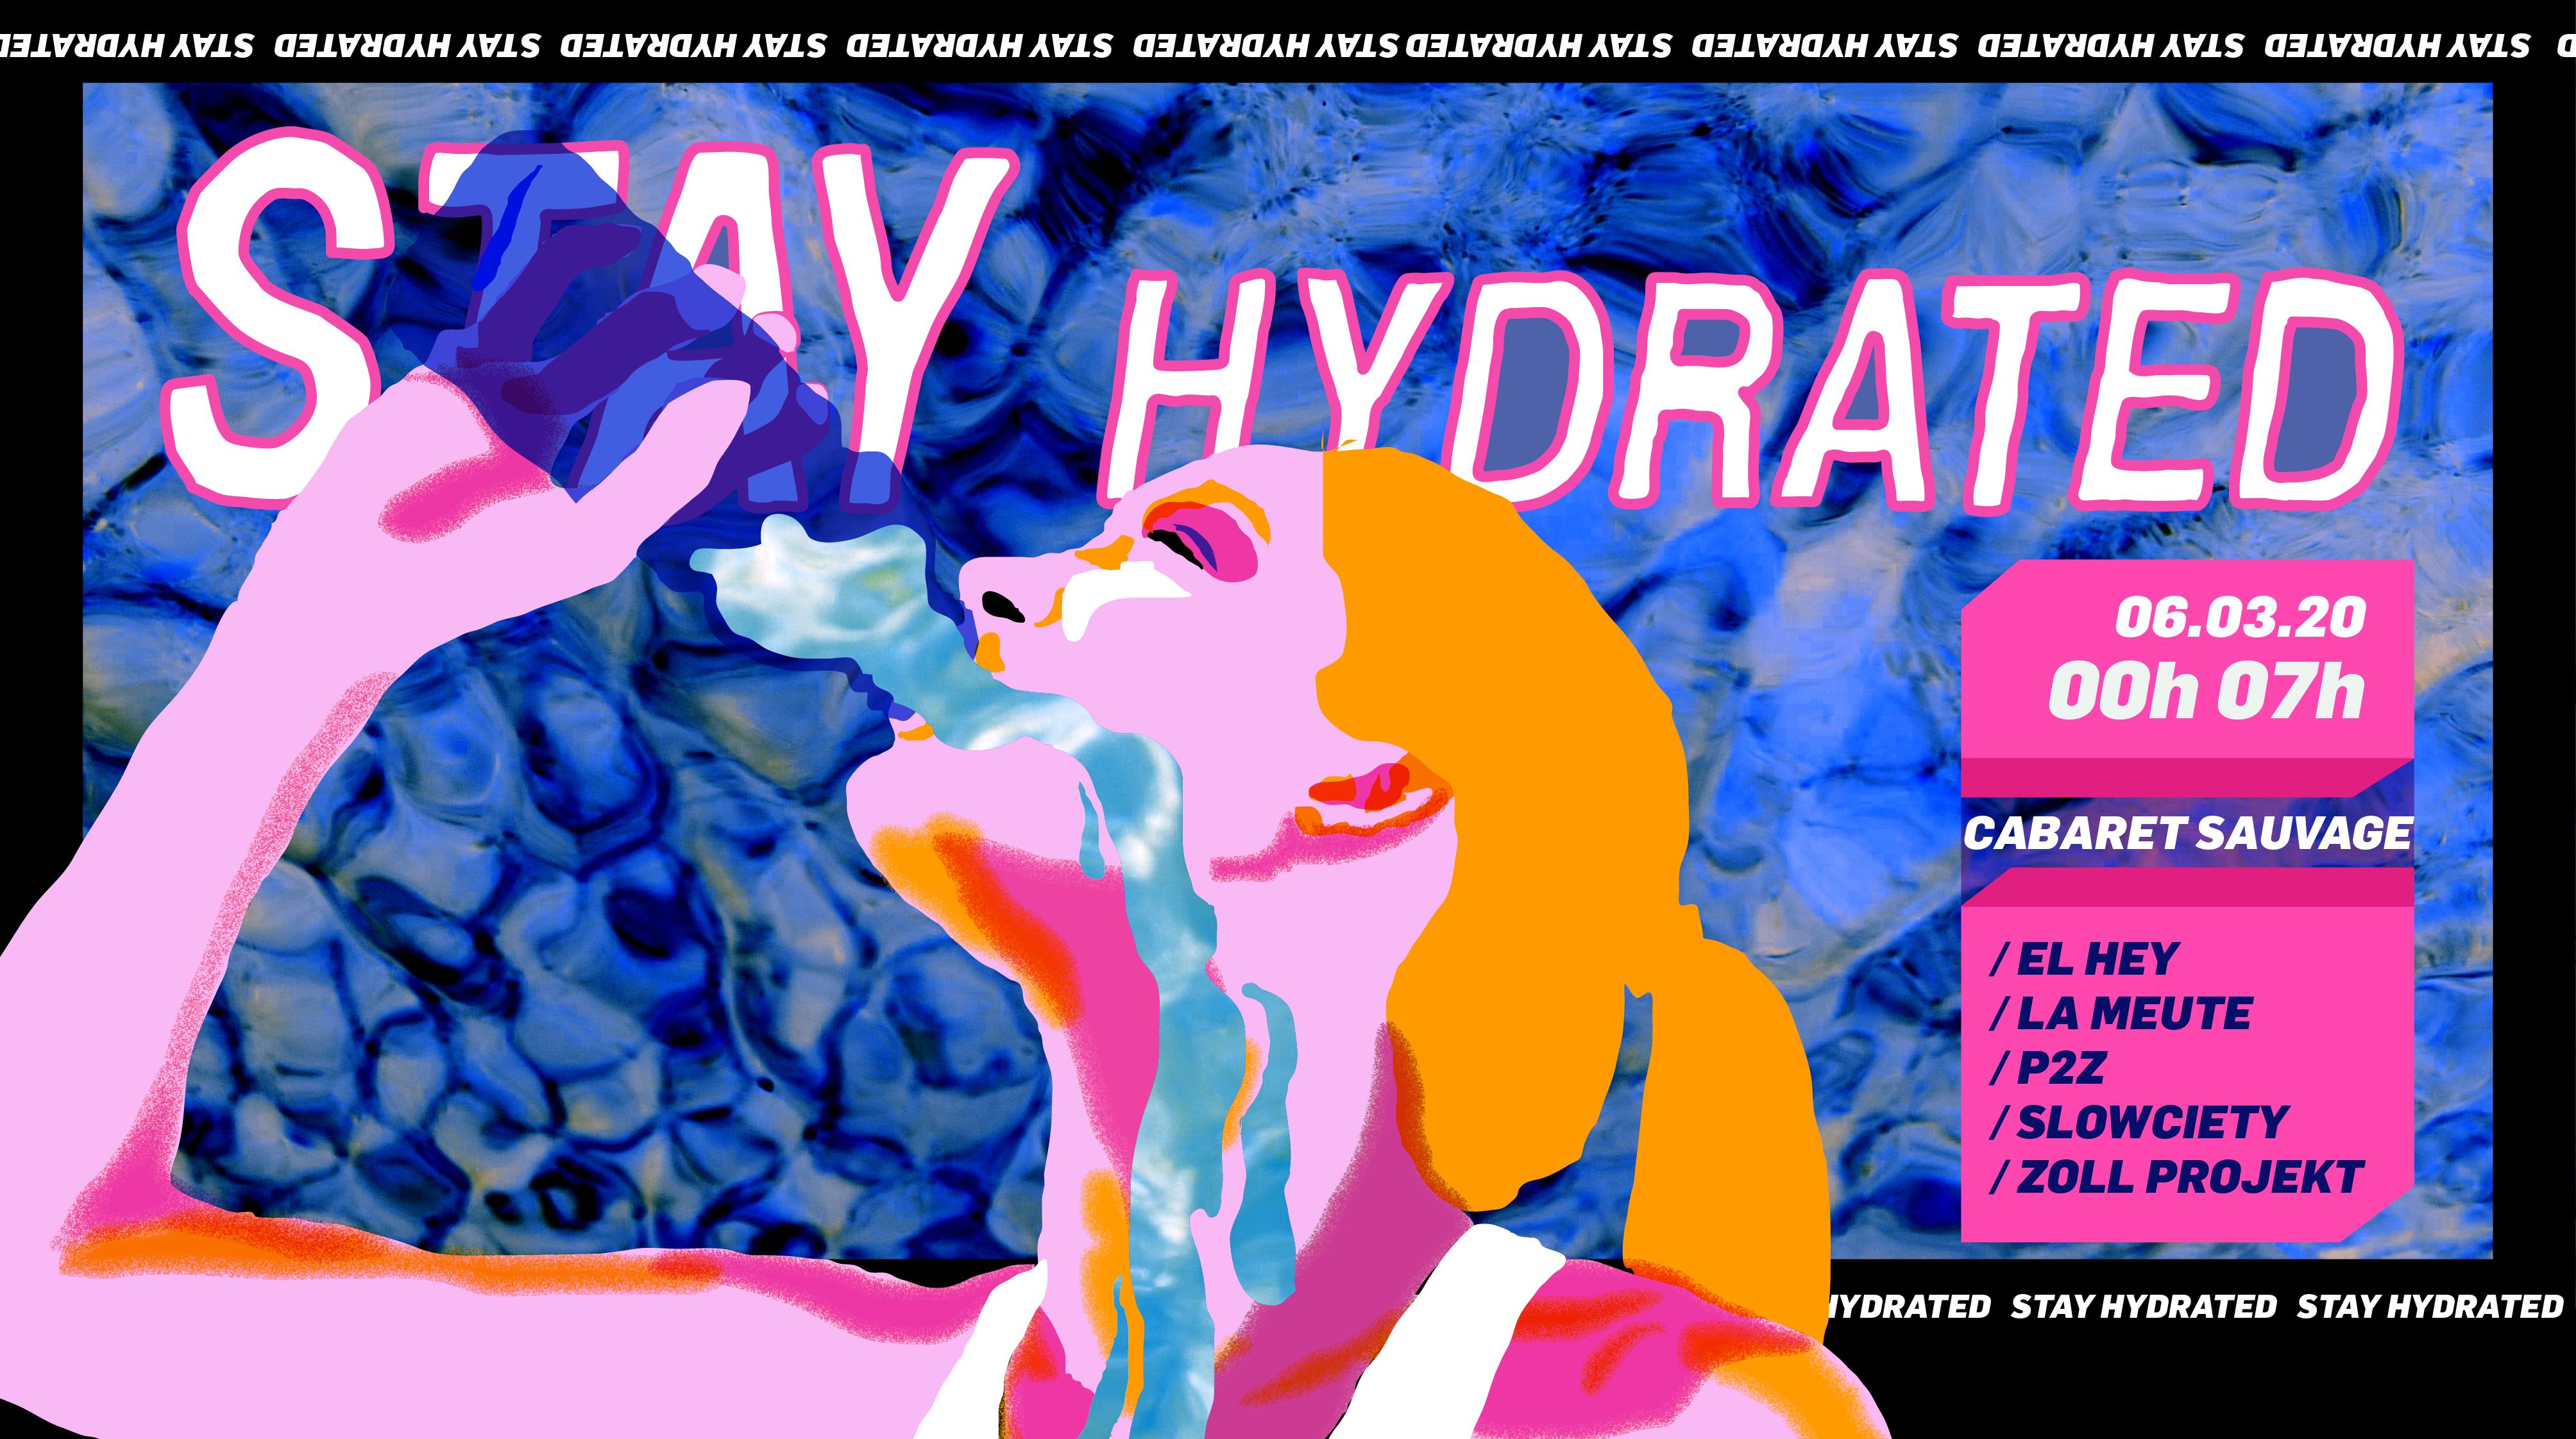 Stay Hydrated w/ El Hey, La Meute, P2Z, Slowciety & Zoll Projekt